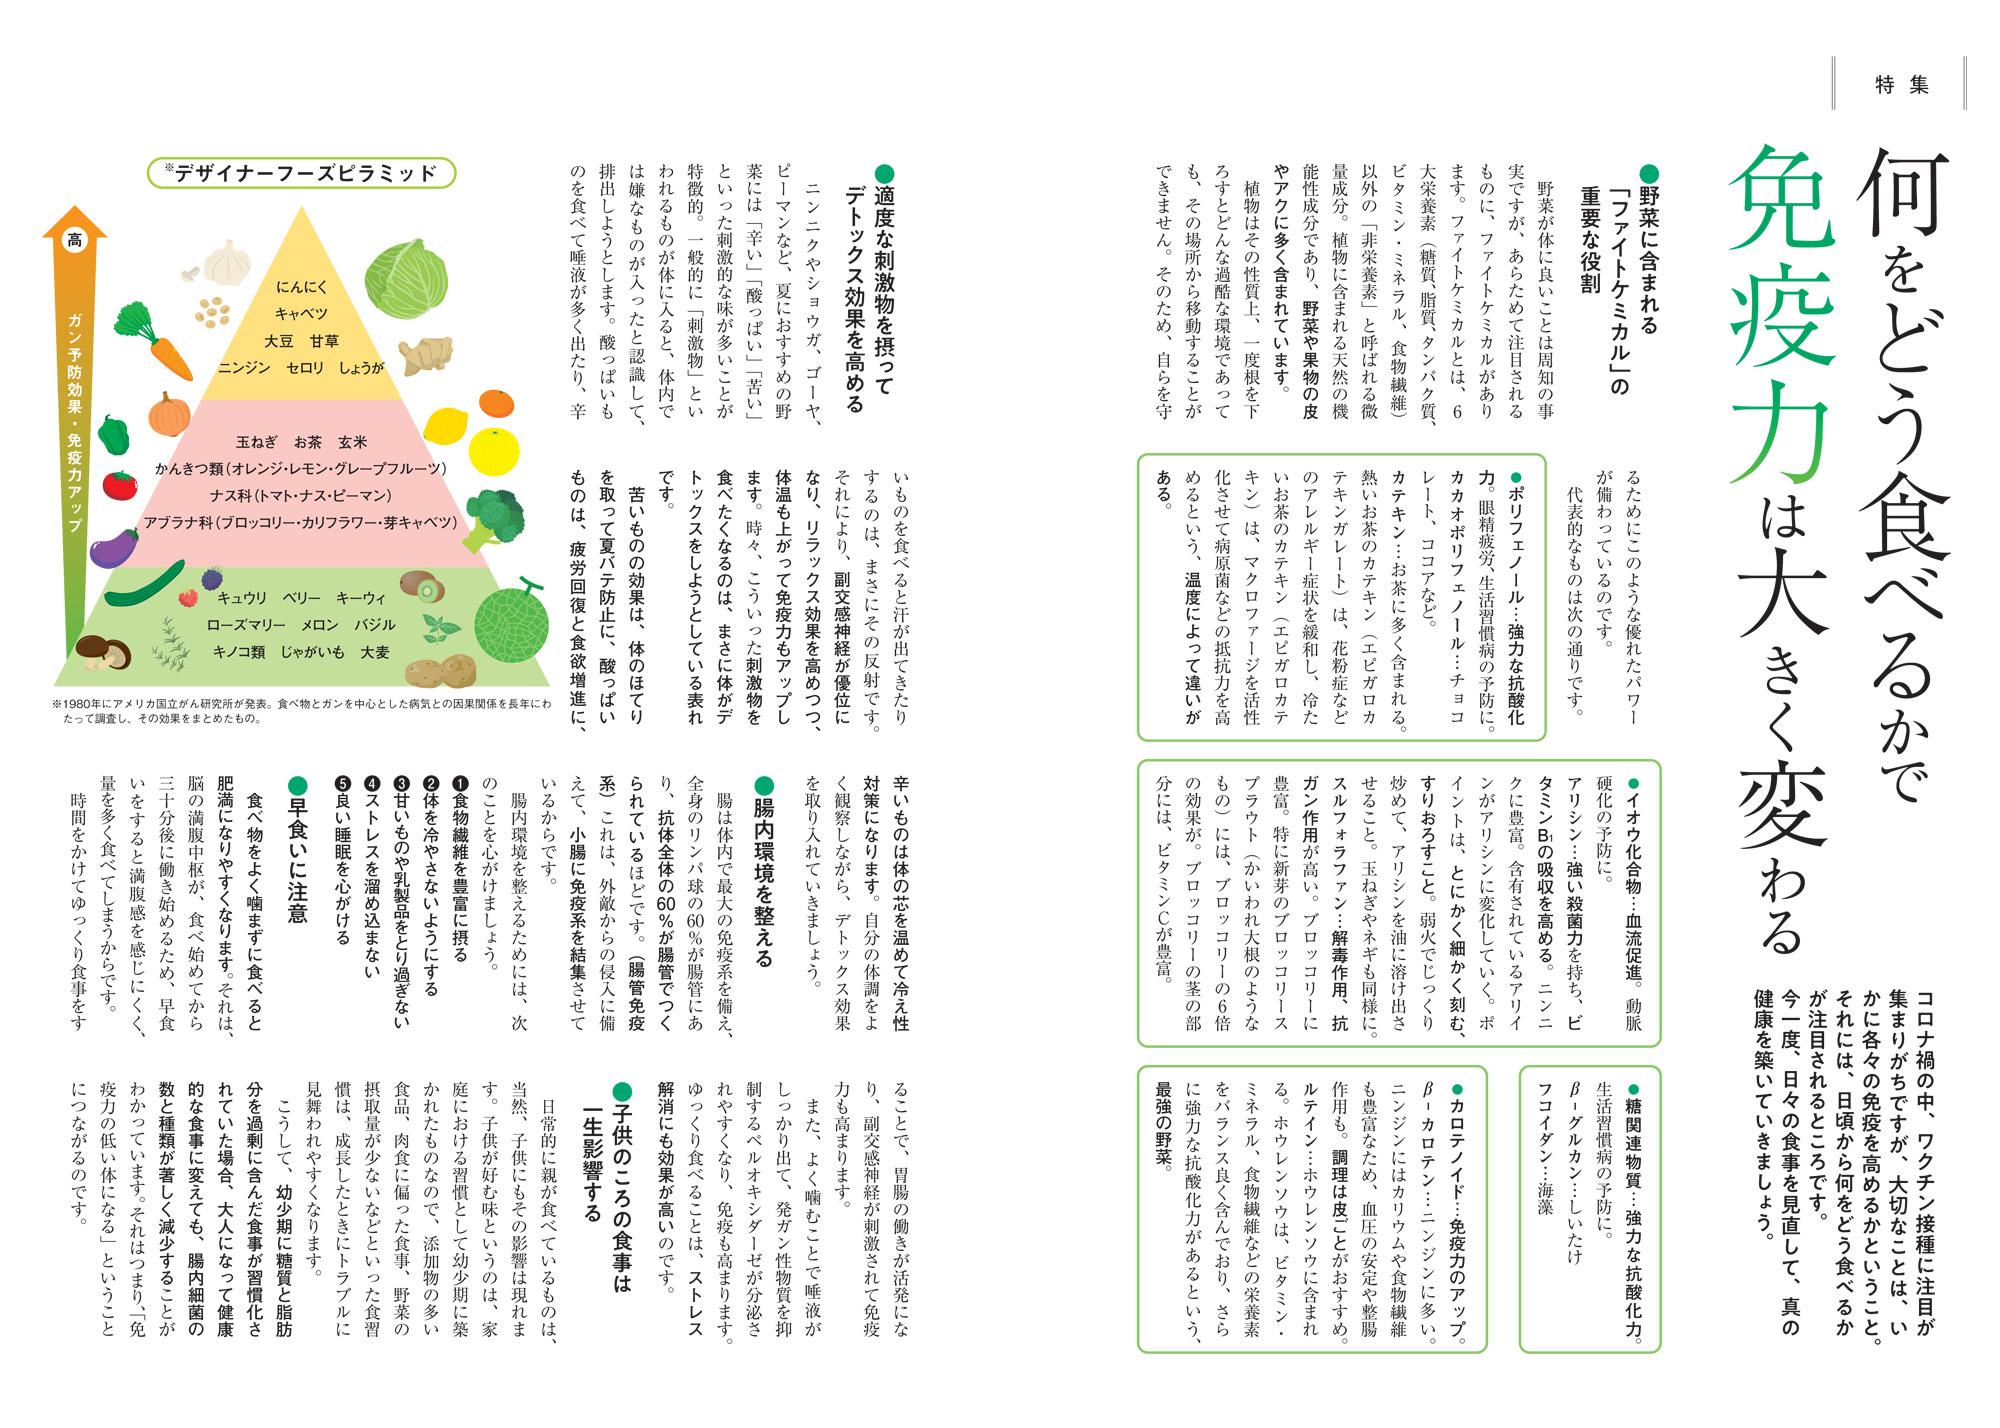 特集・栄養学など「七田式食学」について